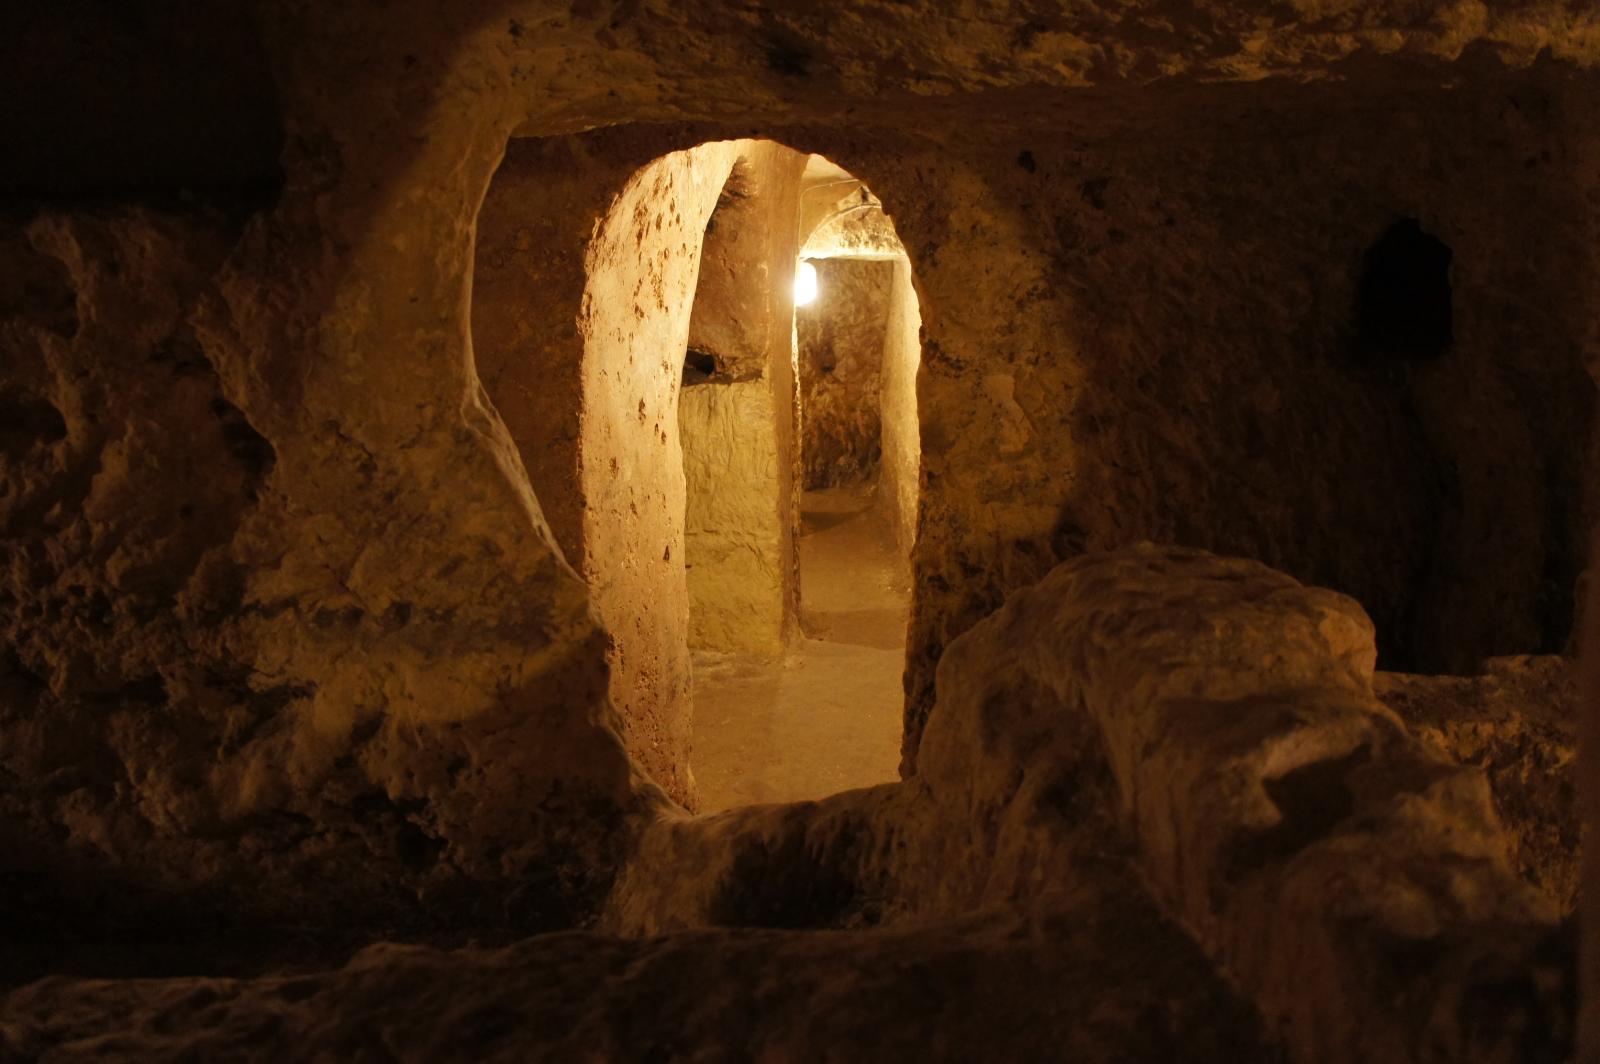 Misteriosas cuevas y subterráneos. Autor, Samuel Santos